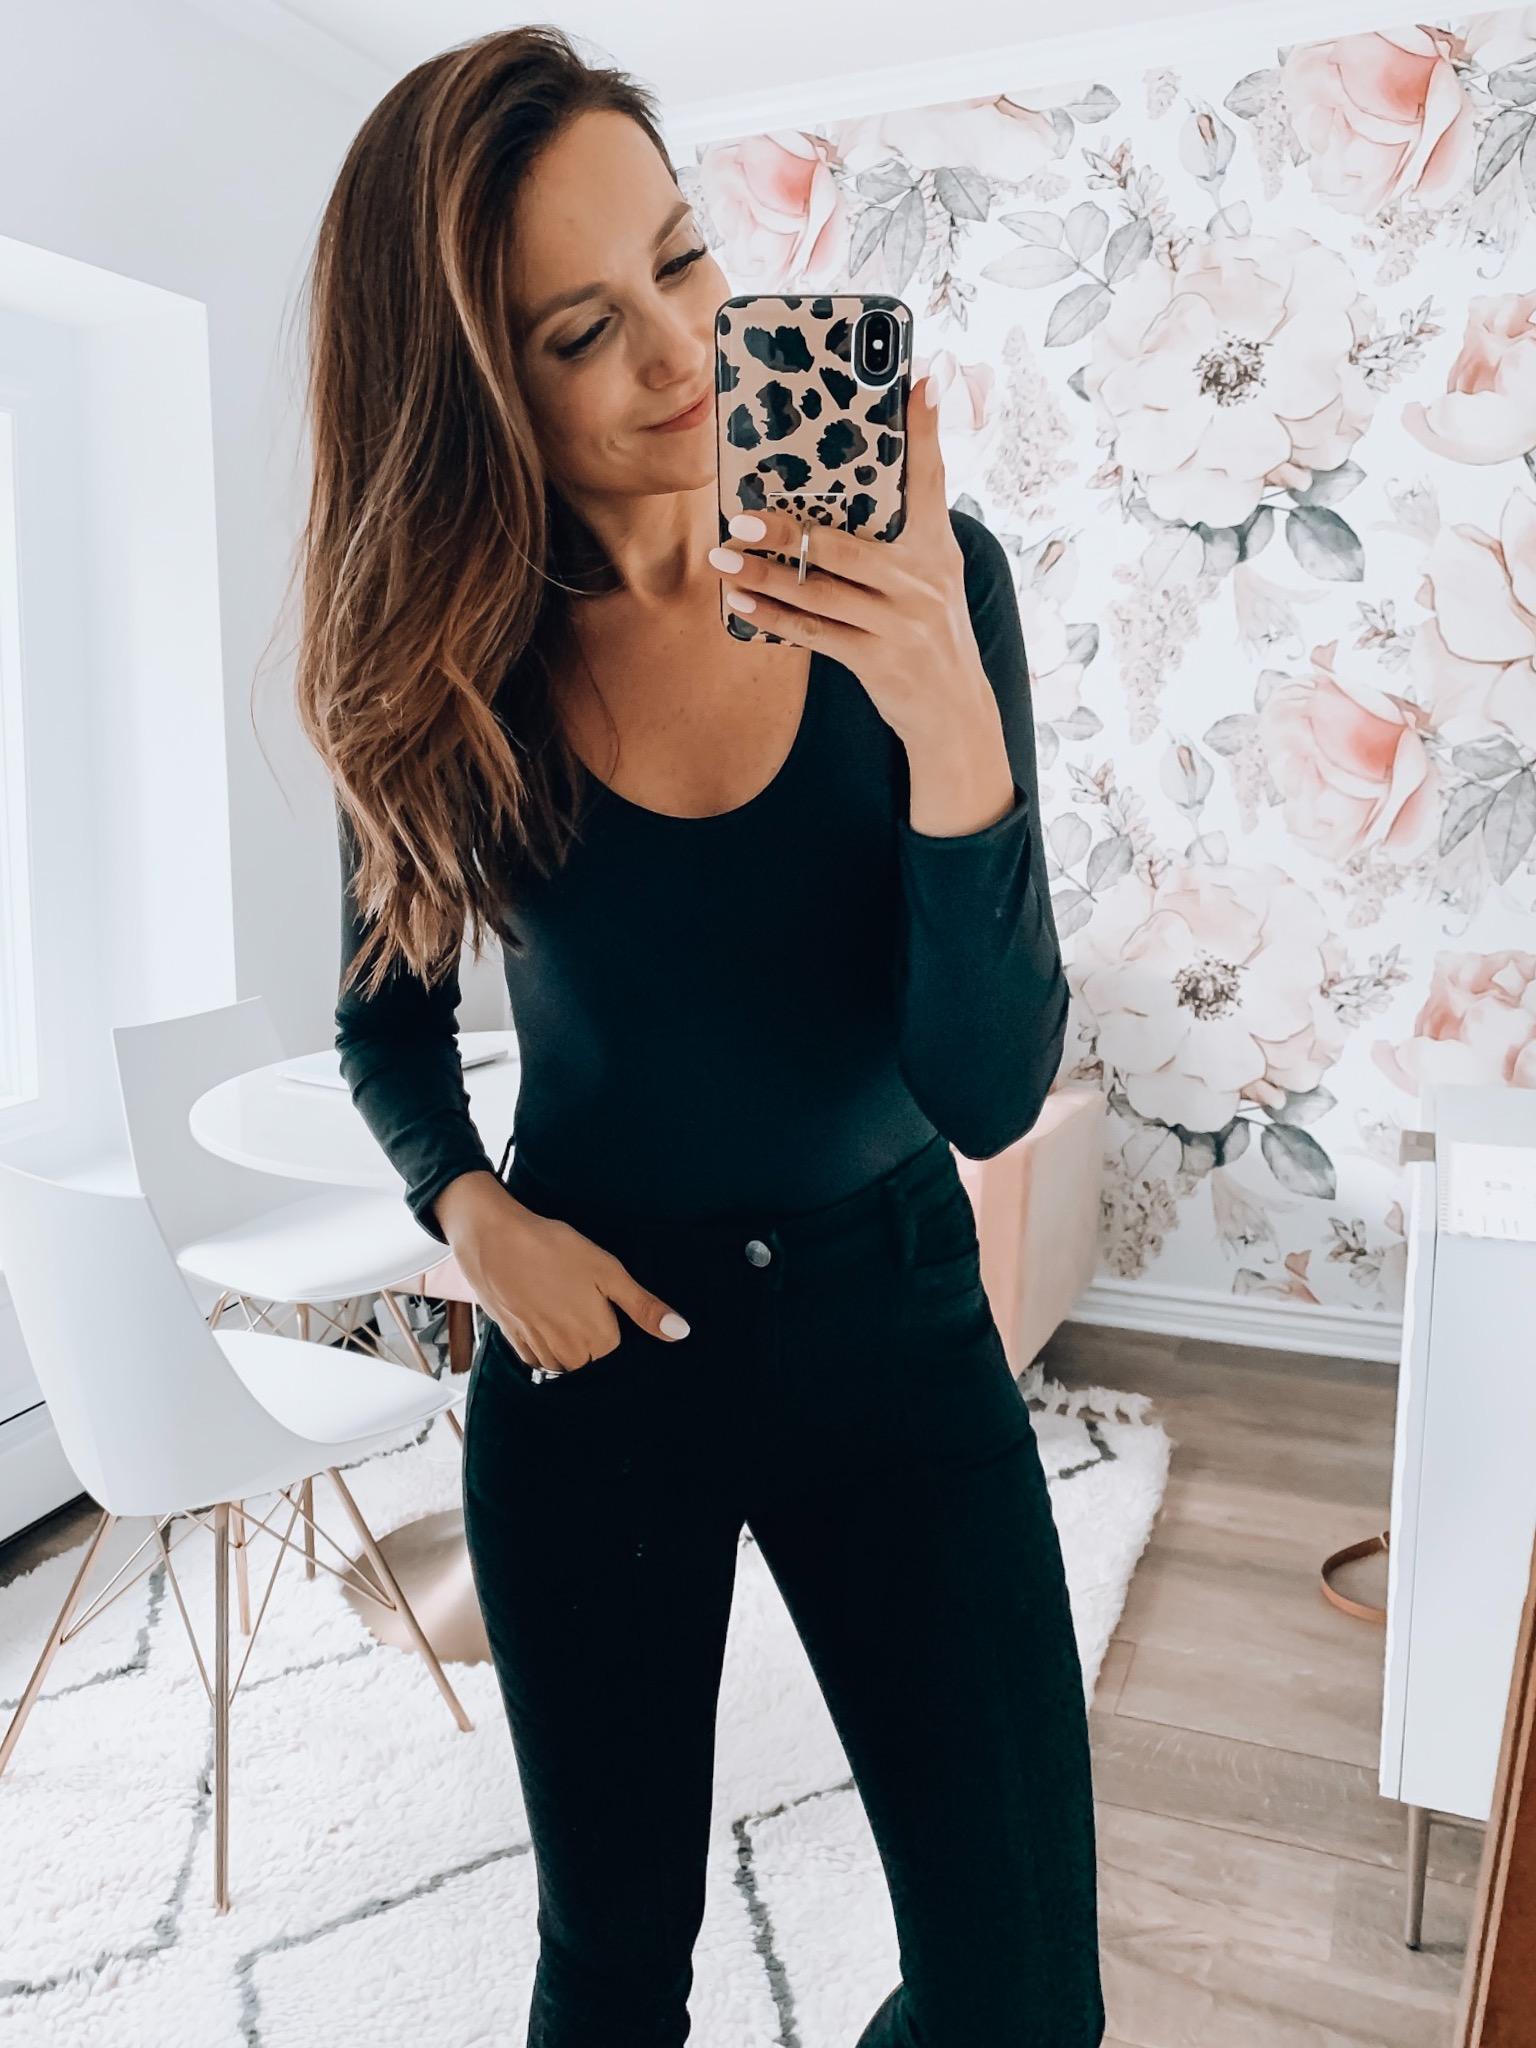 Bodysuit, Jeans, Flats